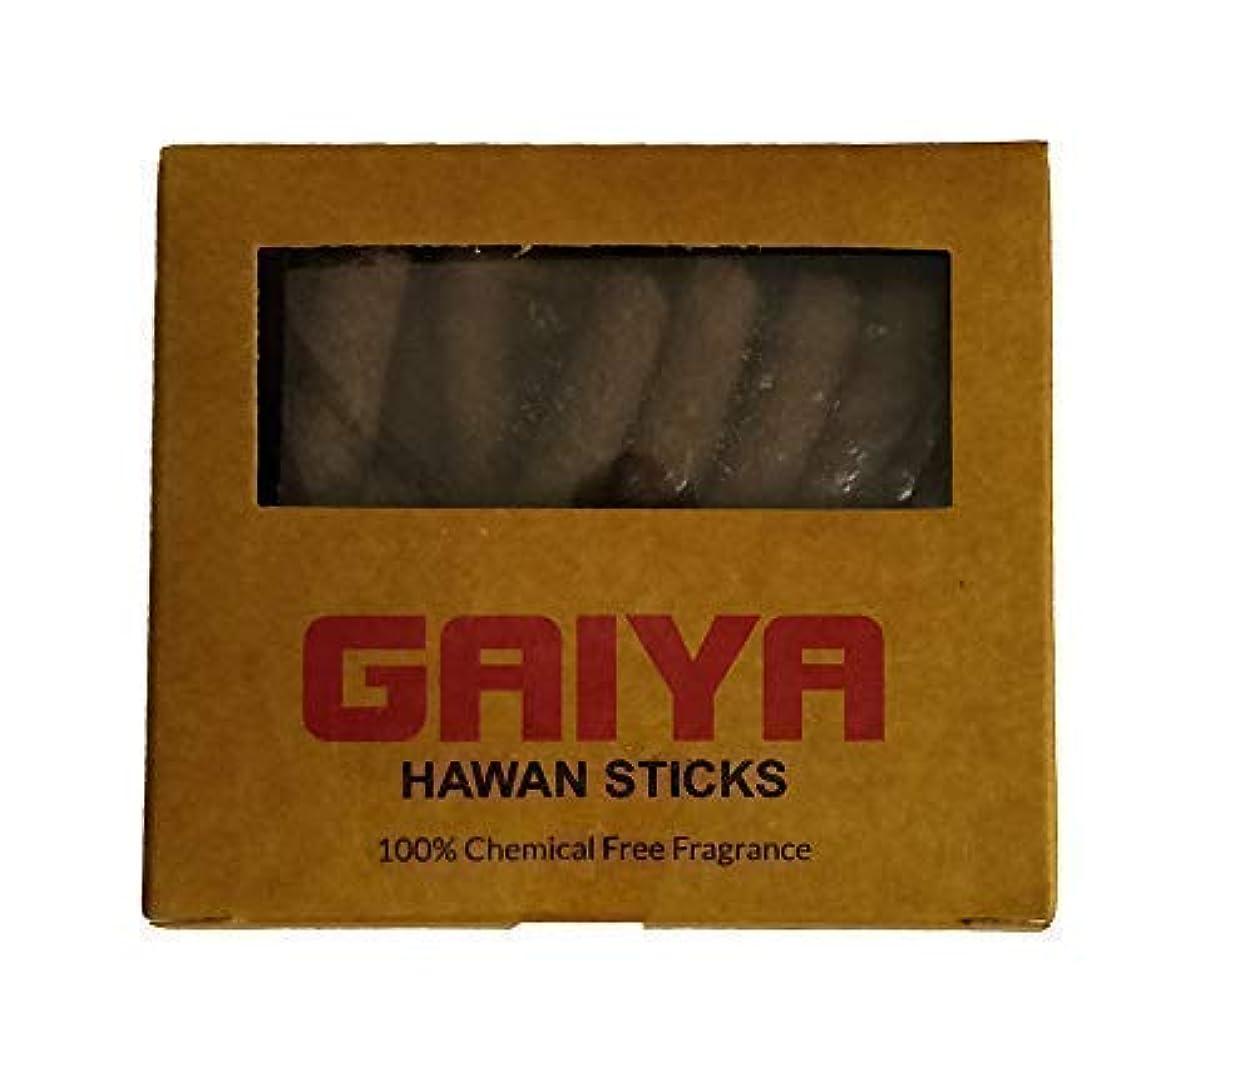 シーフード値移住するGo4Life Gaiya Hawan Sticks - Pack of 4 Boxes (for Havan Also Havan Sticks Havan Samigri)